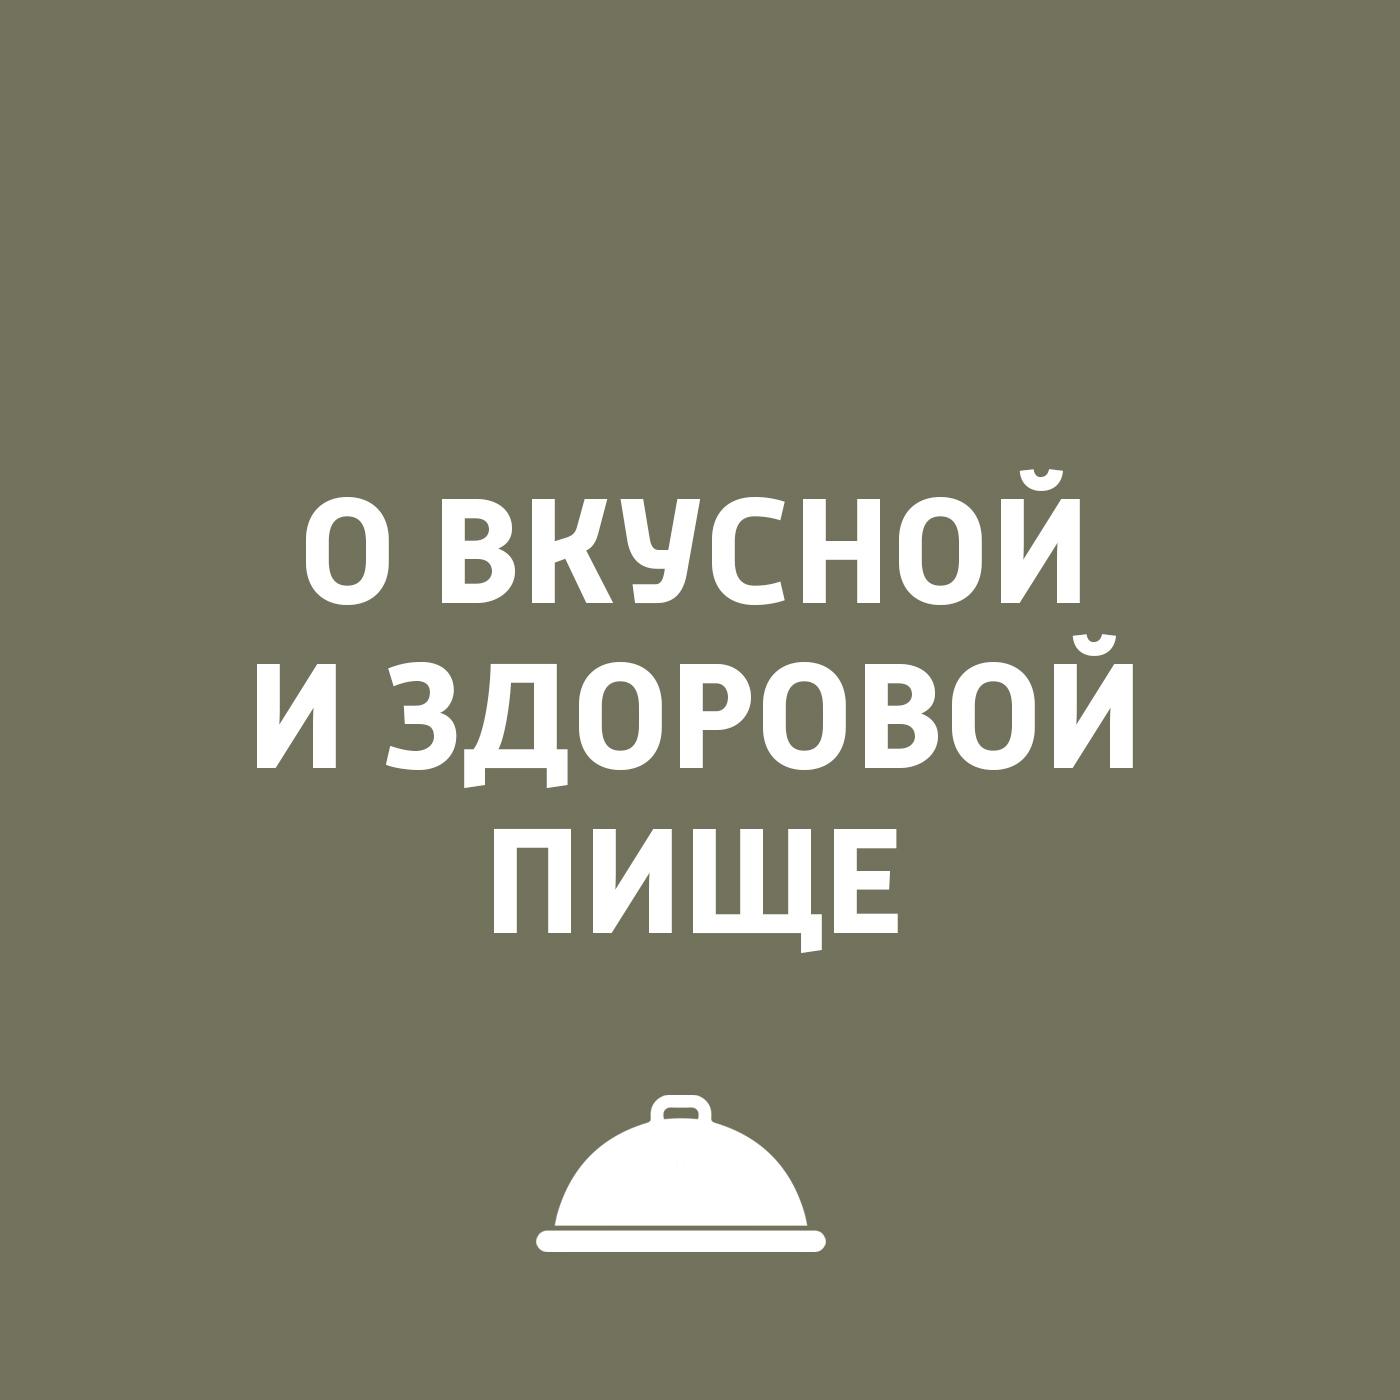 Игорь Ружейников Что едят мужчины игорь ружейников нижегородская ярмарка выставка достижений капиталистического хозяйства империи